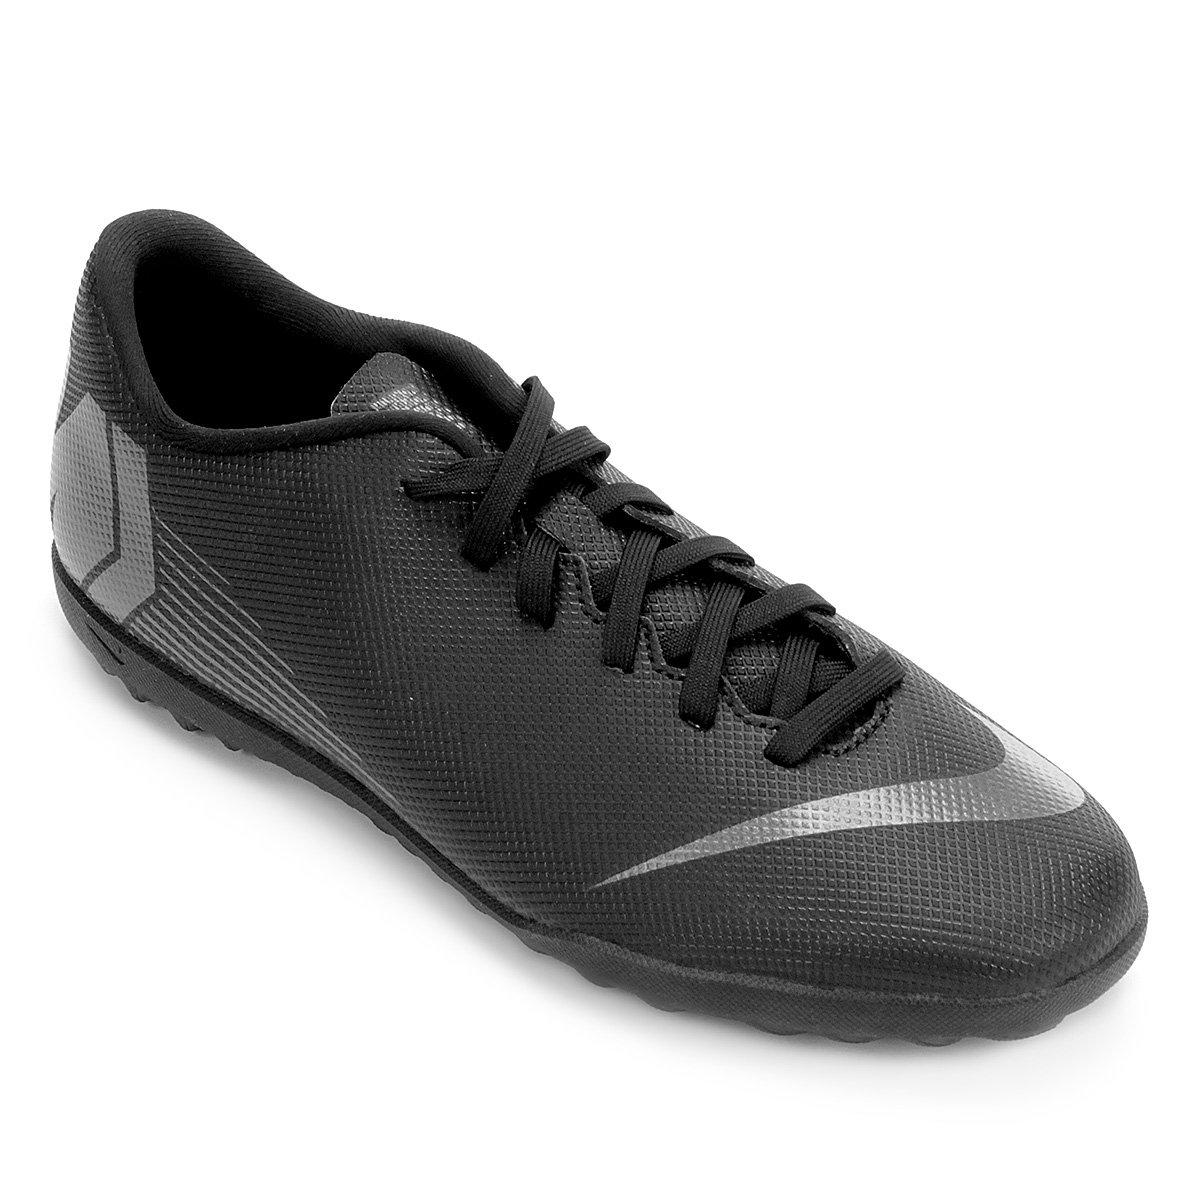 Chuteira Nike Society Mercurial Vapor 12 Club - Preto - Compre Agora ... 01224955b1d11